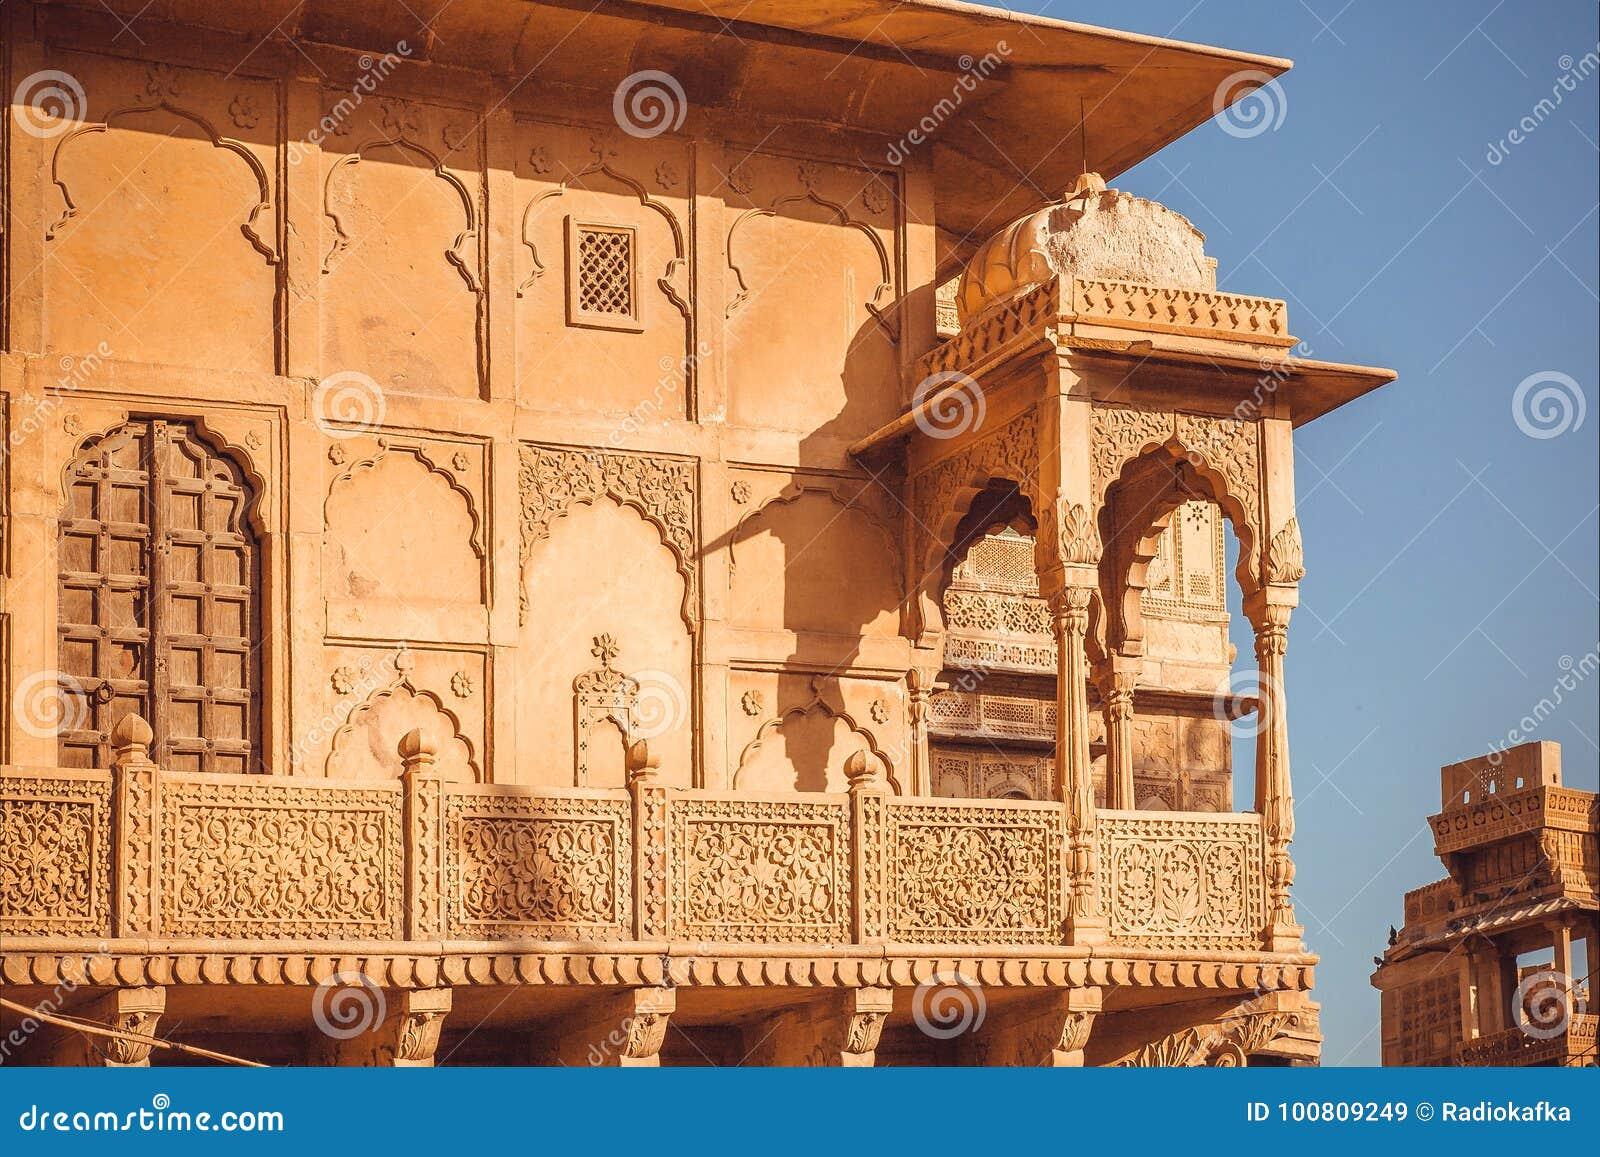 download exemple darchitecture indienne avec des dtails de faade de maison historique de